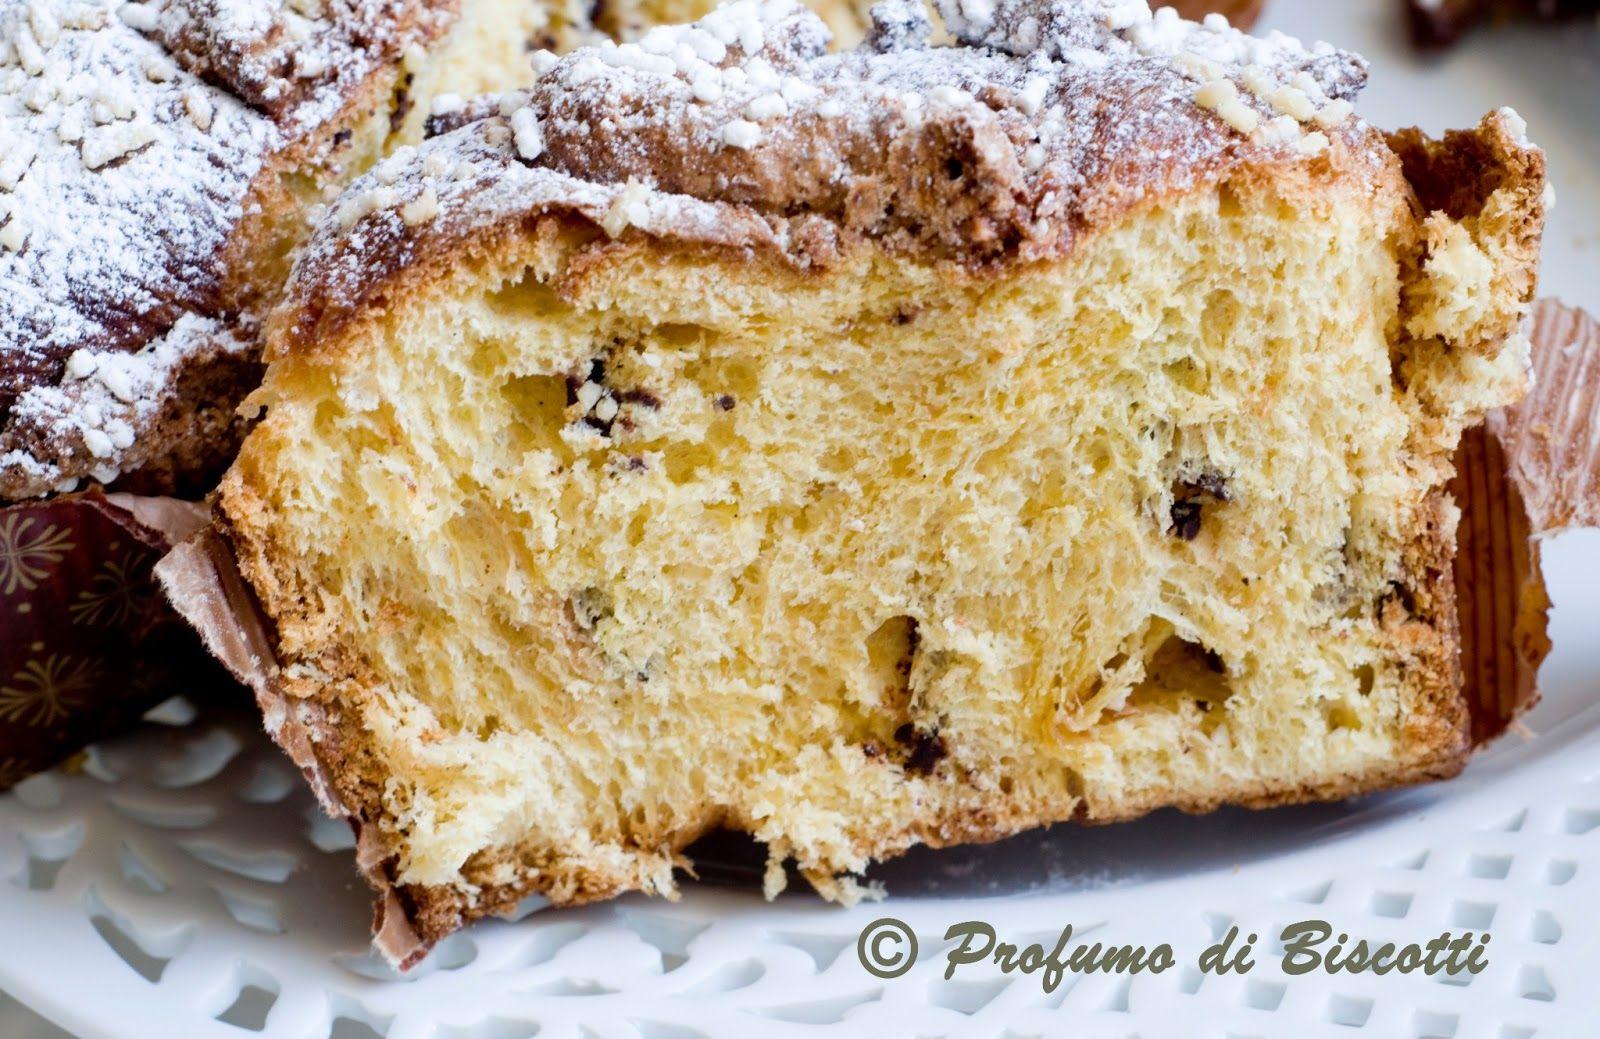 profumo di biscotti: COLOMBA CON GOCCE DI CIOCCOLATO - ricetta di Teresio Leoncini